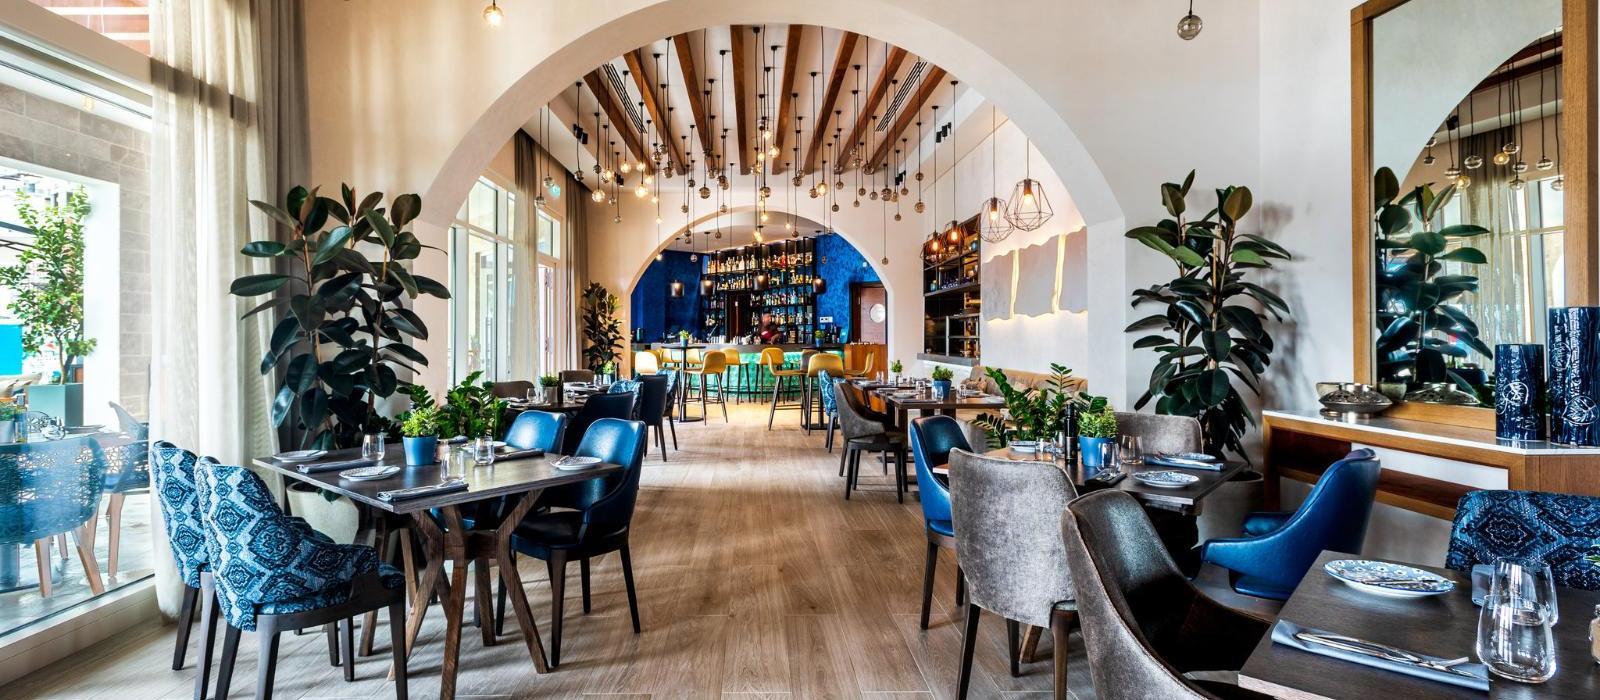 卢斯缇卡湾 CHEDI 度假酒店(The Chedi Lustica Bay) 图片  www.lhw.cn